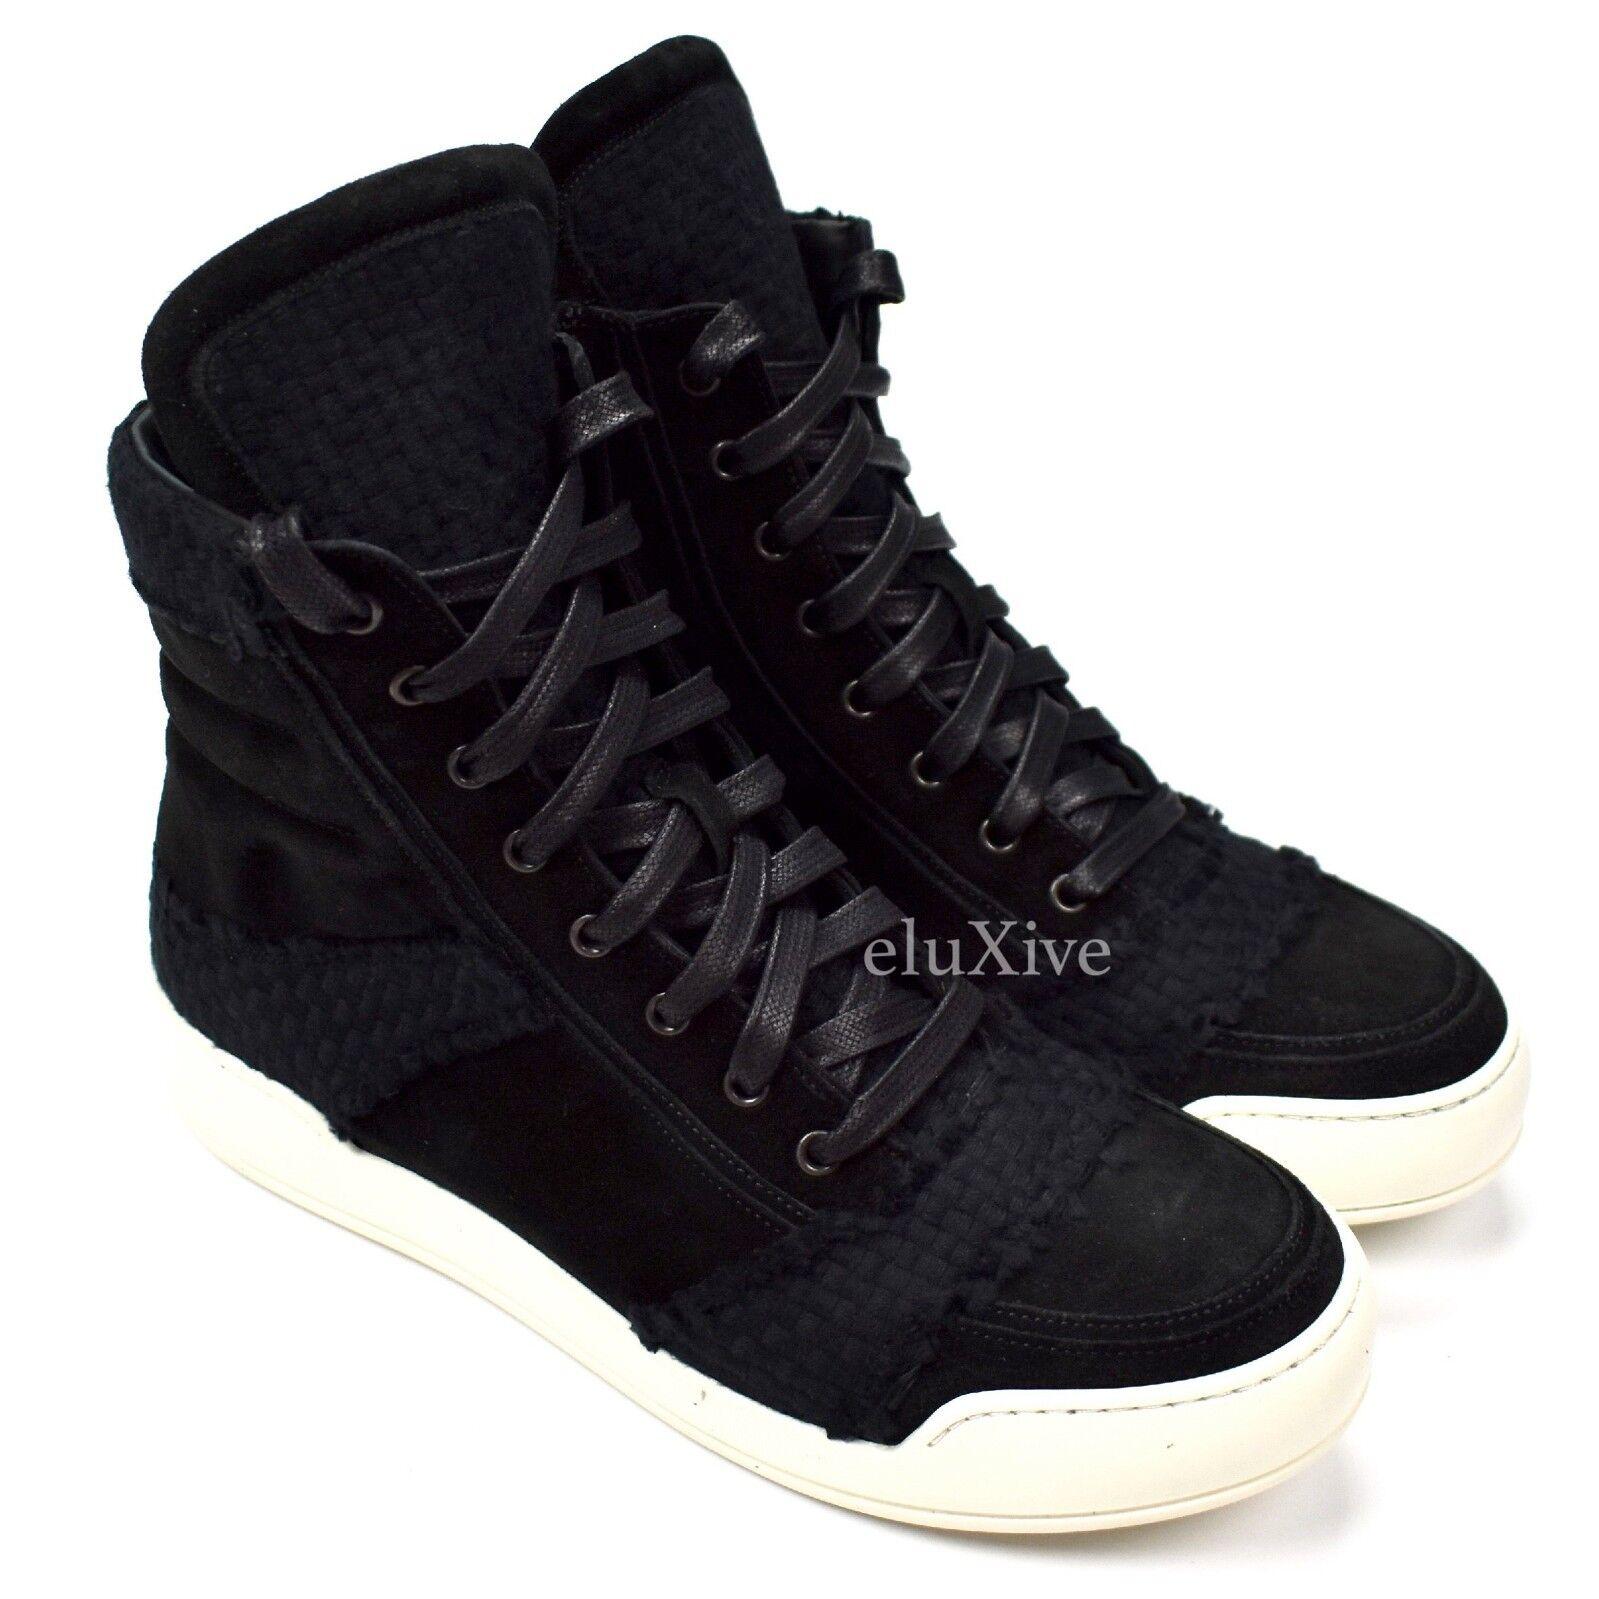 NWT  1140 Balmain Paris gamuza negra zapatos deportivos de cremallera 41 - 8